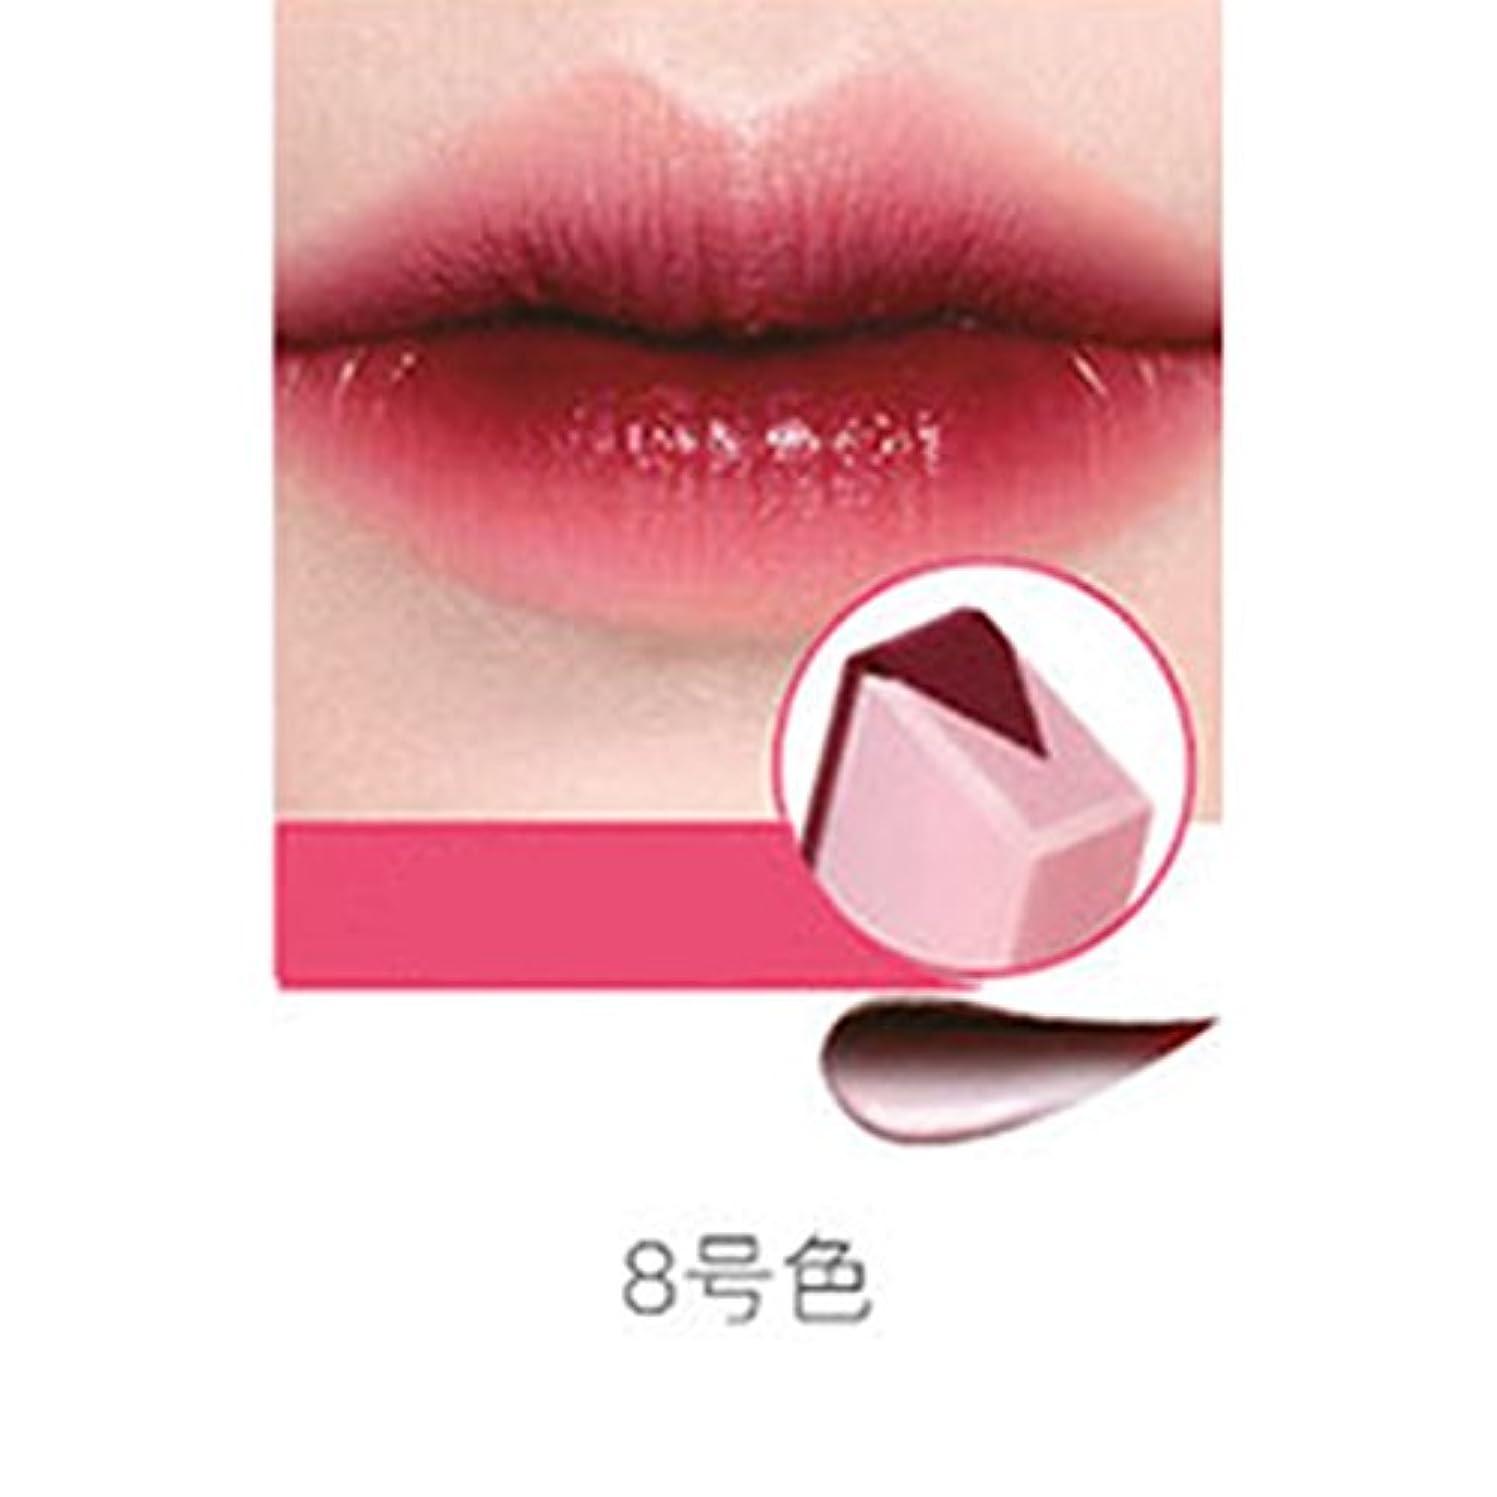 アジテーションすばらしいです週間RaiFu リップスティック ペンシル リップバー 女性 ファッション グラデーションカラー マット メイクアップ フルーツ スモークツートーン ティント 08#チェリーミルク